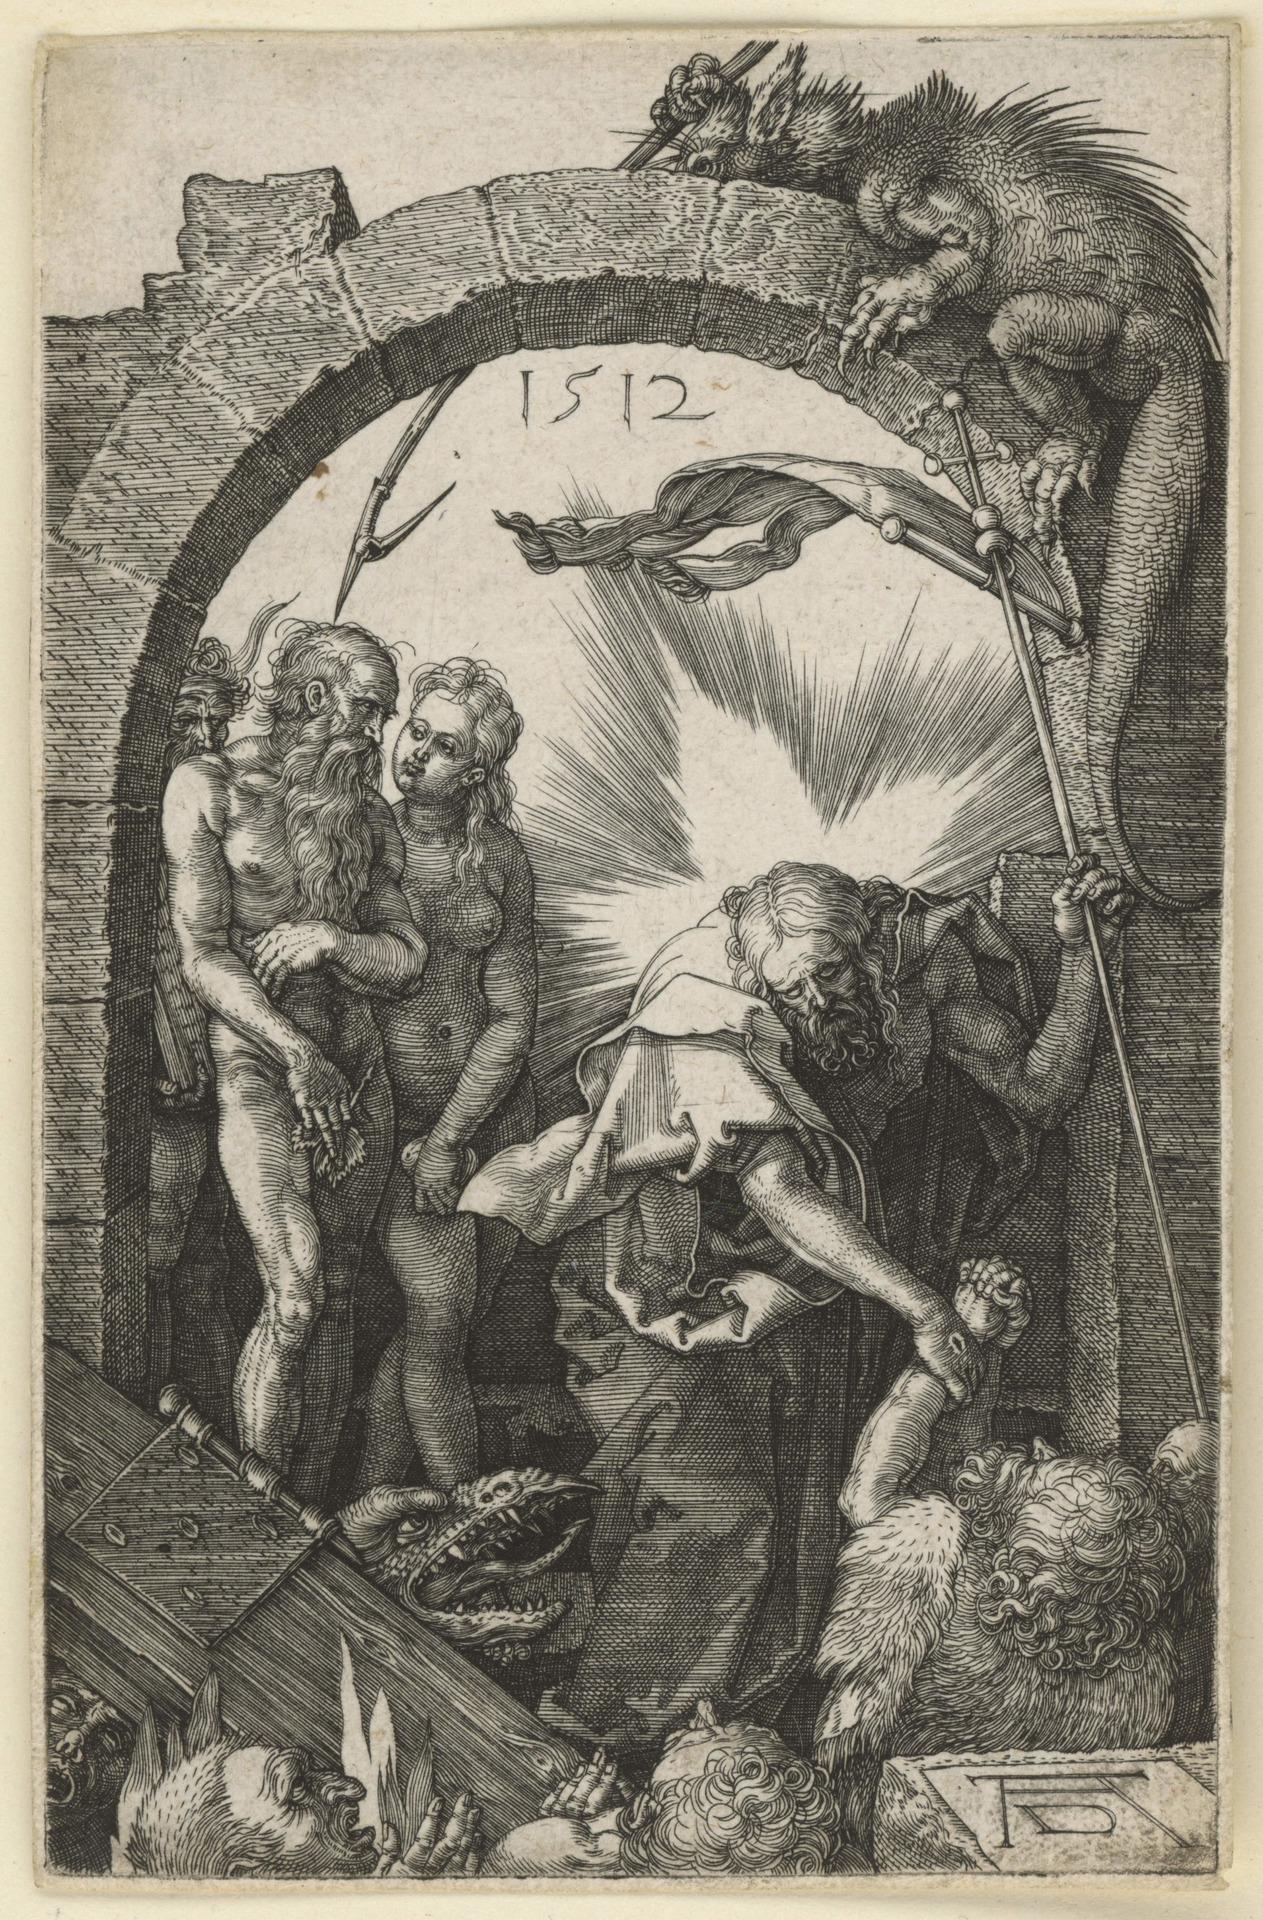 Christus_in_der_Vorhölle_1512_1037267.jpg